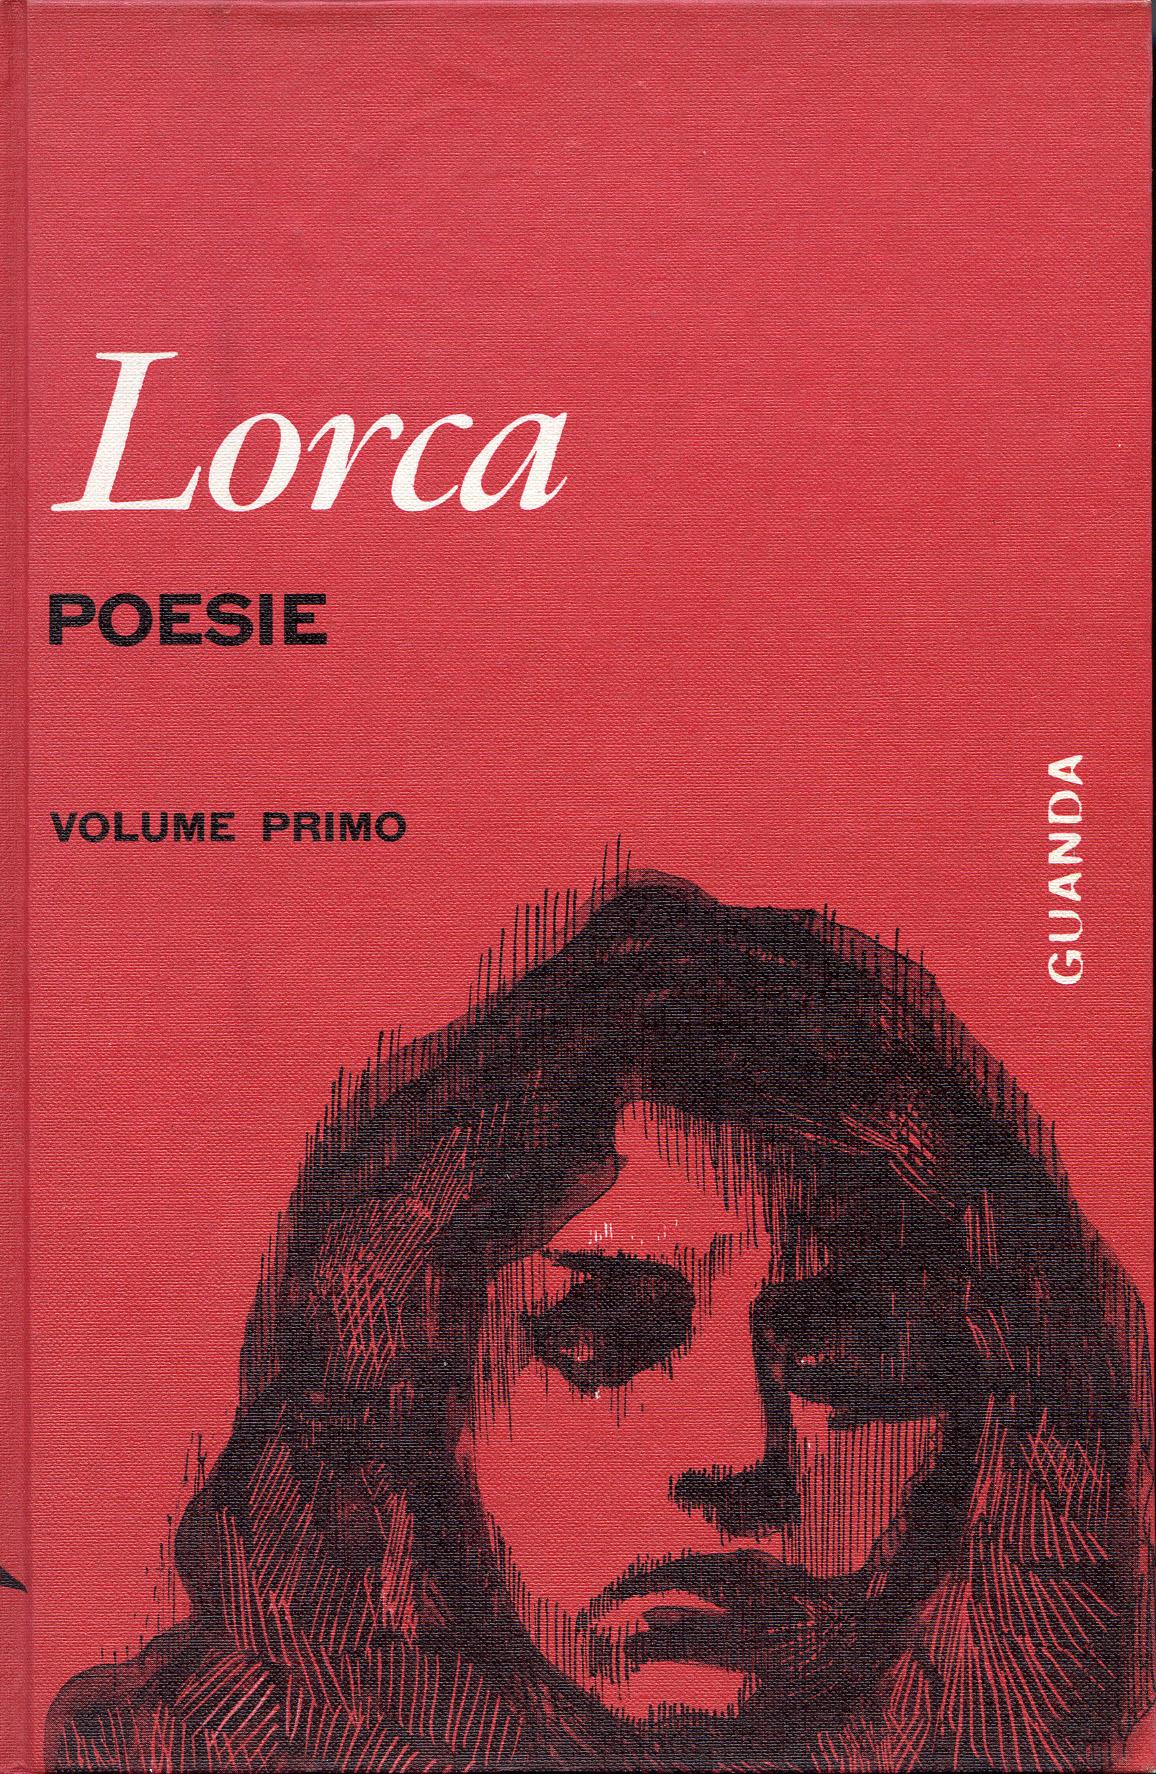 Poesie - vol. 1